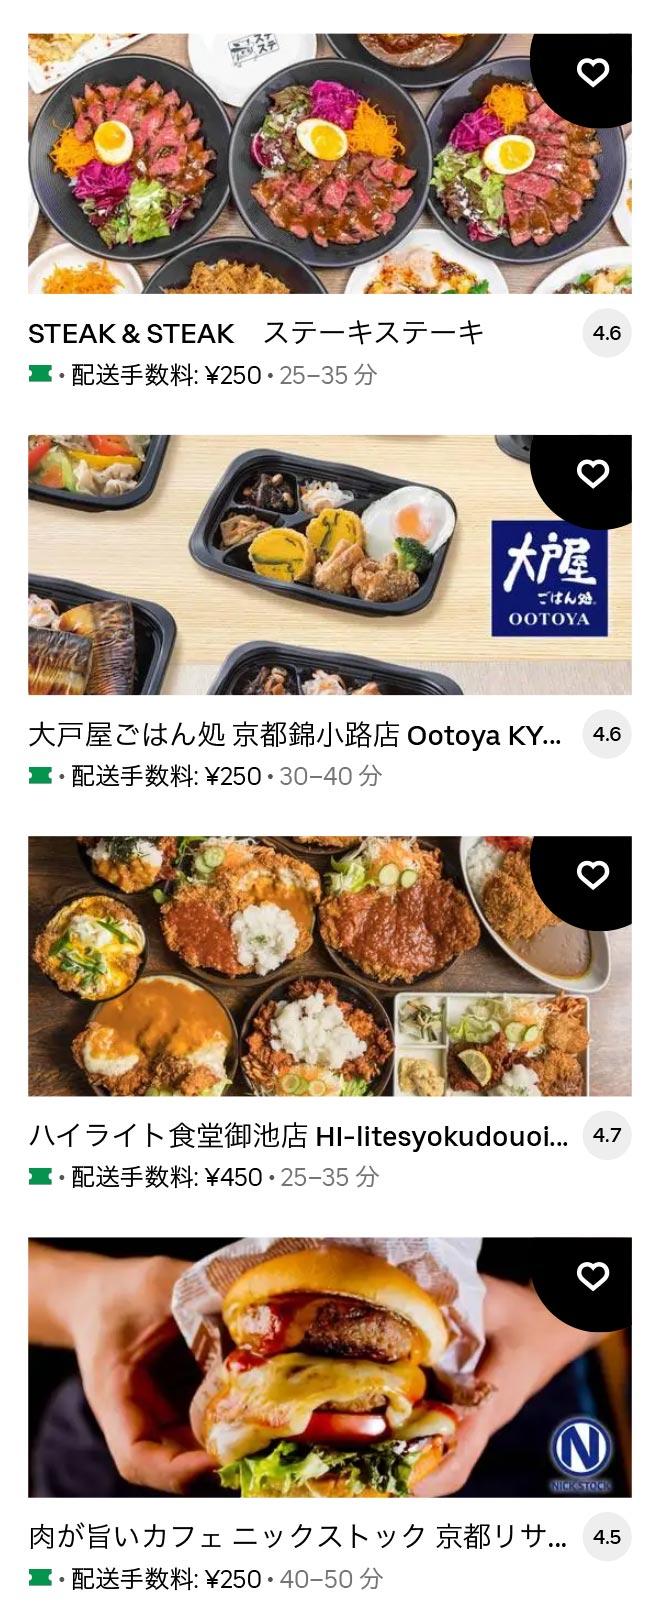 U kyoto 2105 09